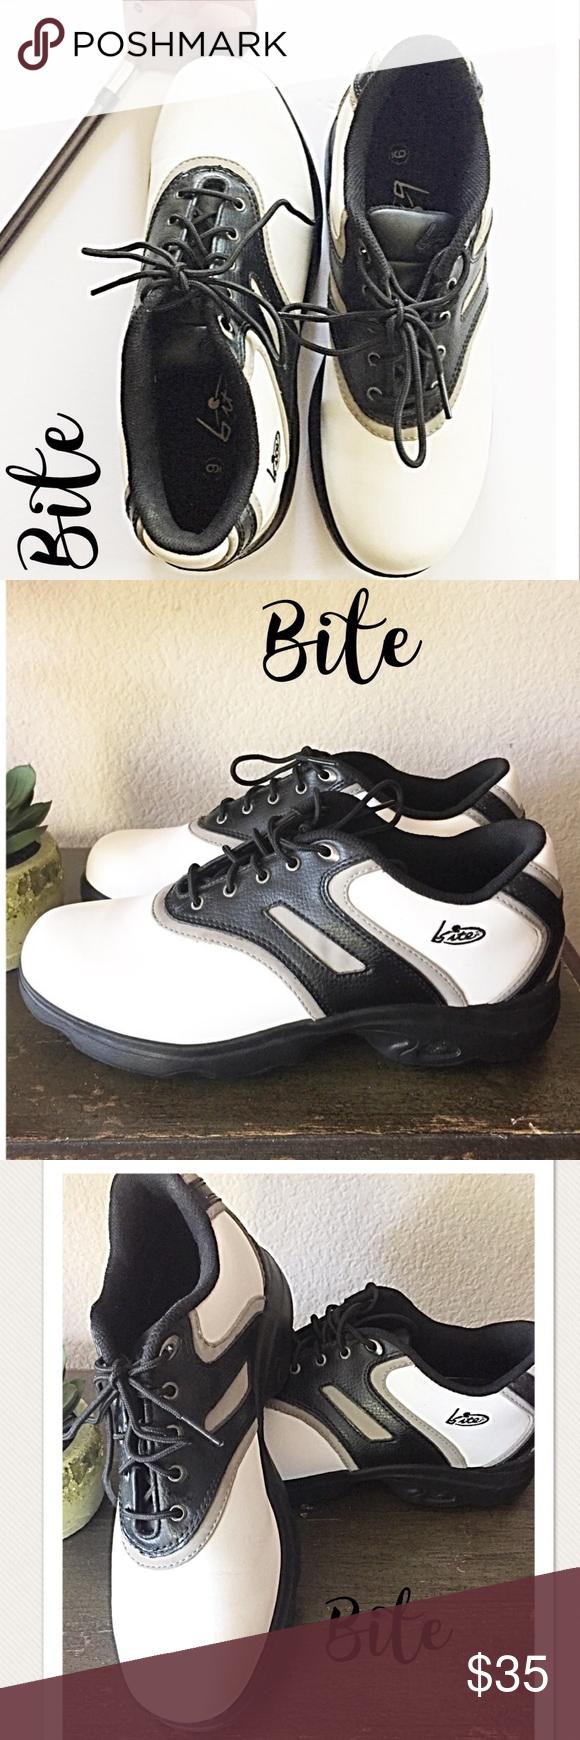 dxl golf shoes